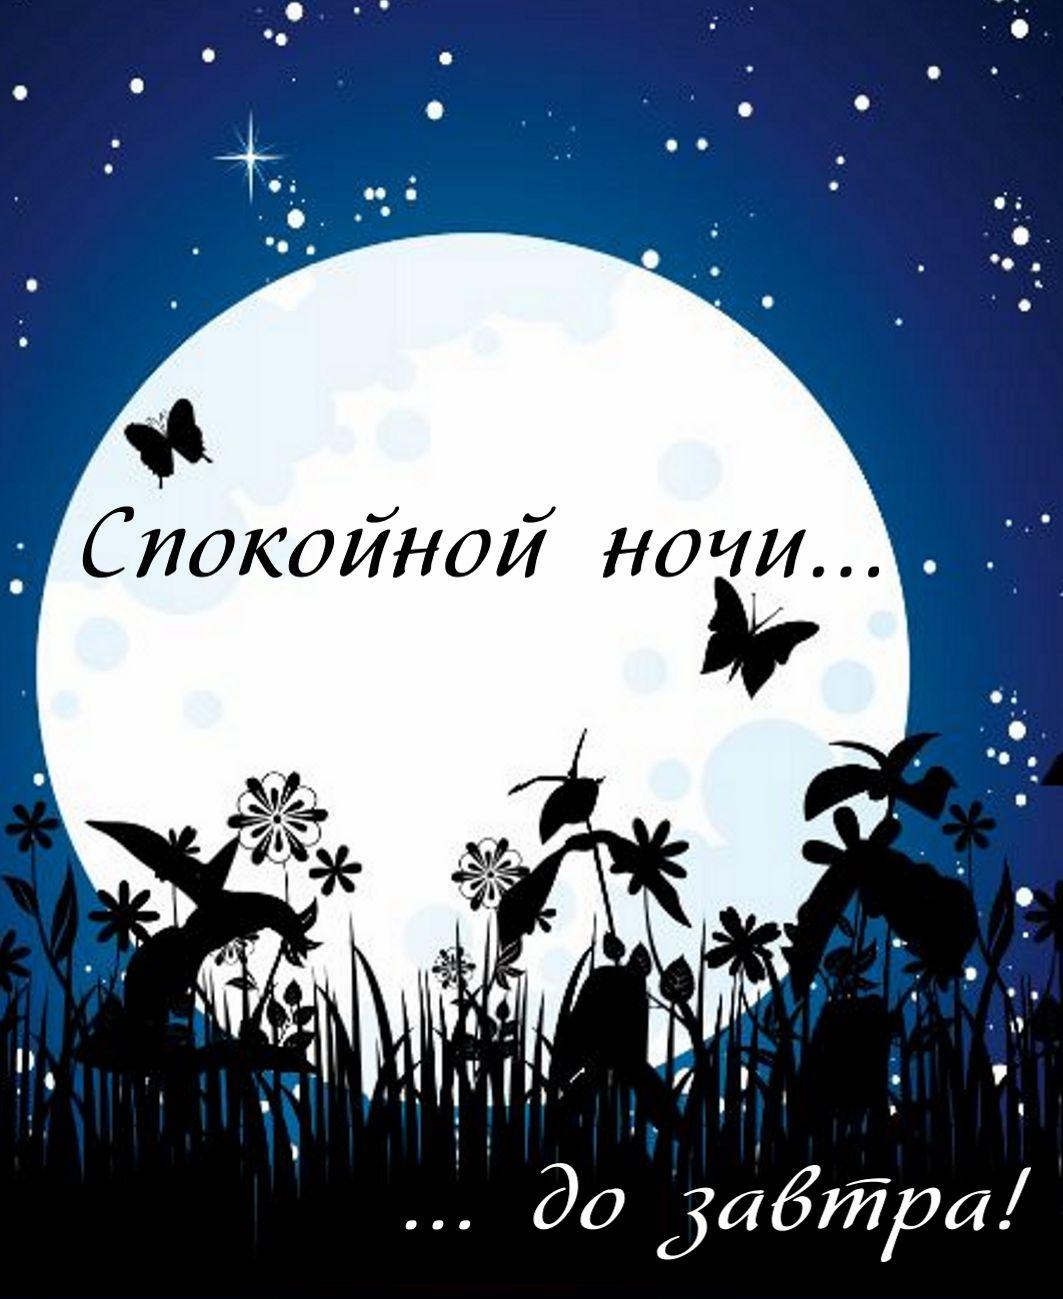 krasivye-otkrytki-kartinki-s-pozhelaniem-spokoynoy-dobroy-nochi-i-sladkih-snov-chast-2-aya-19.jpg